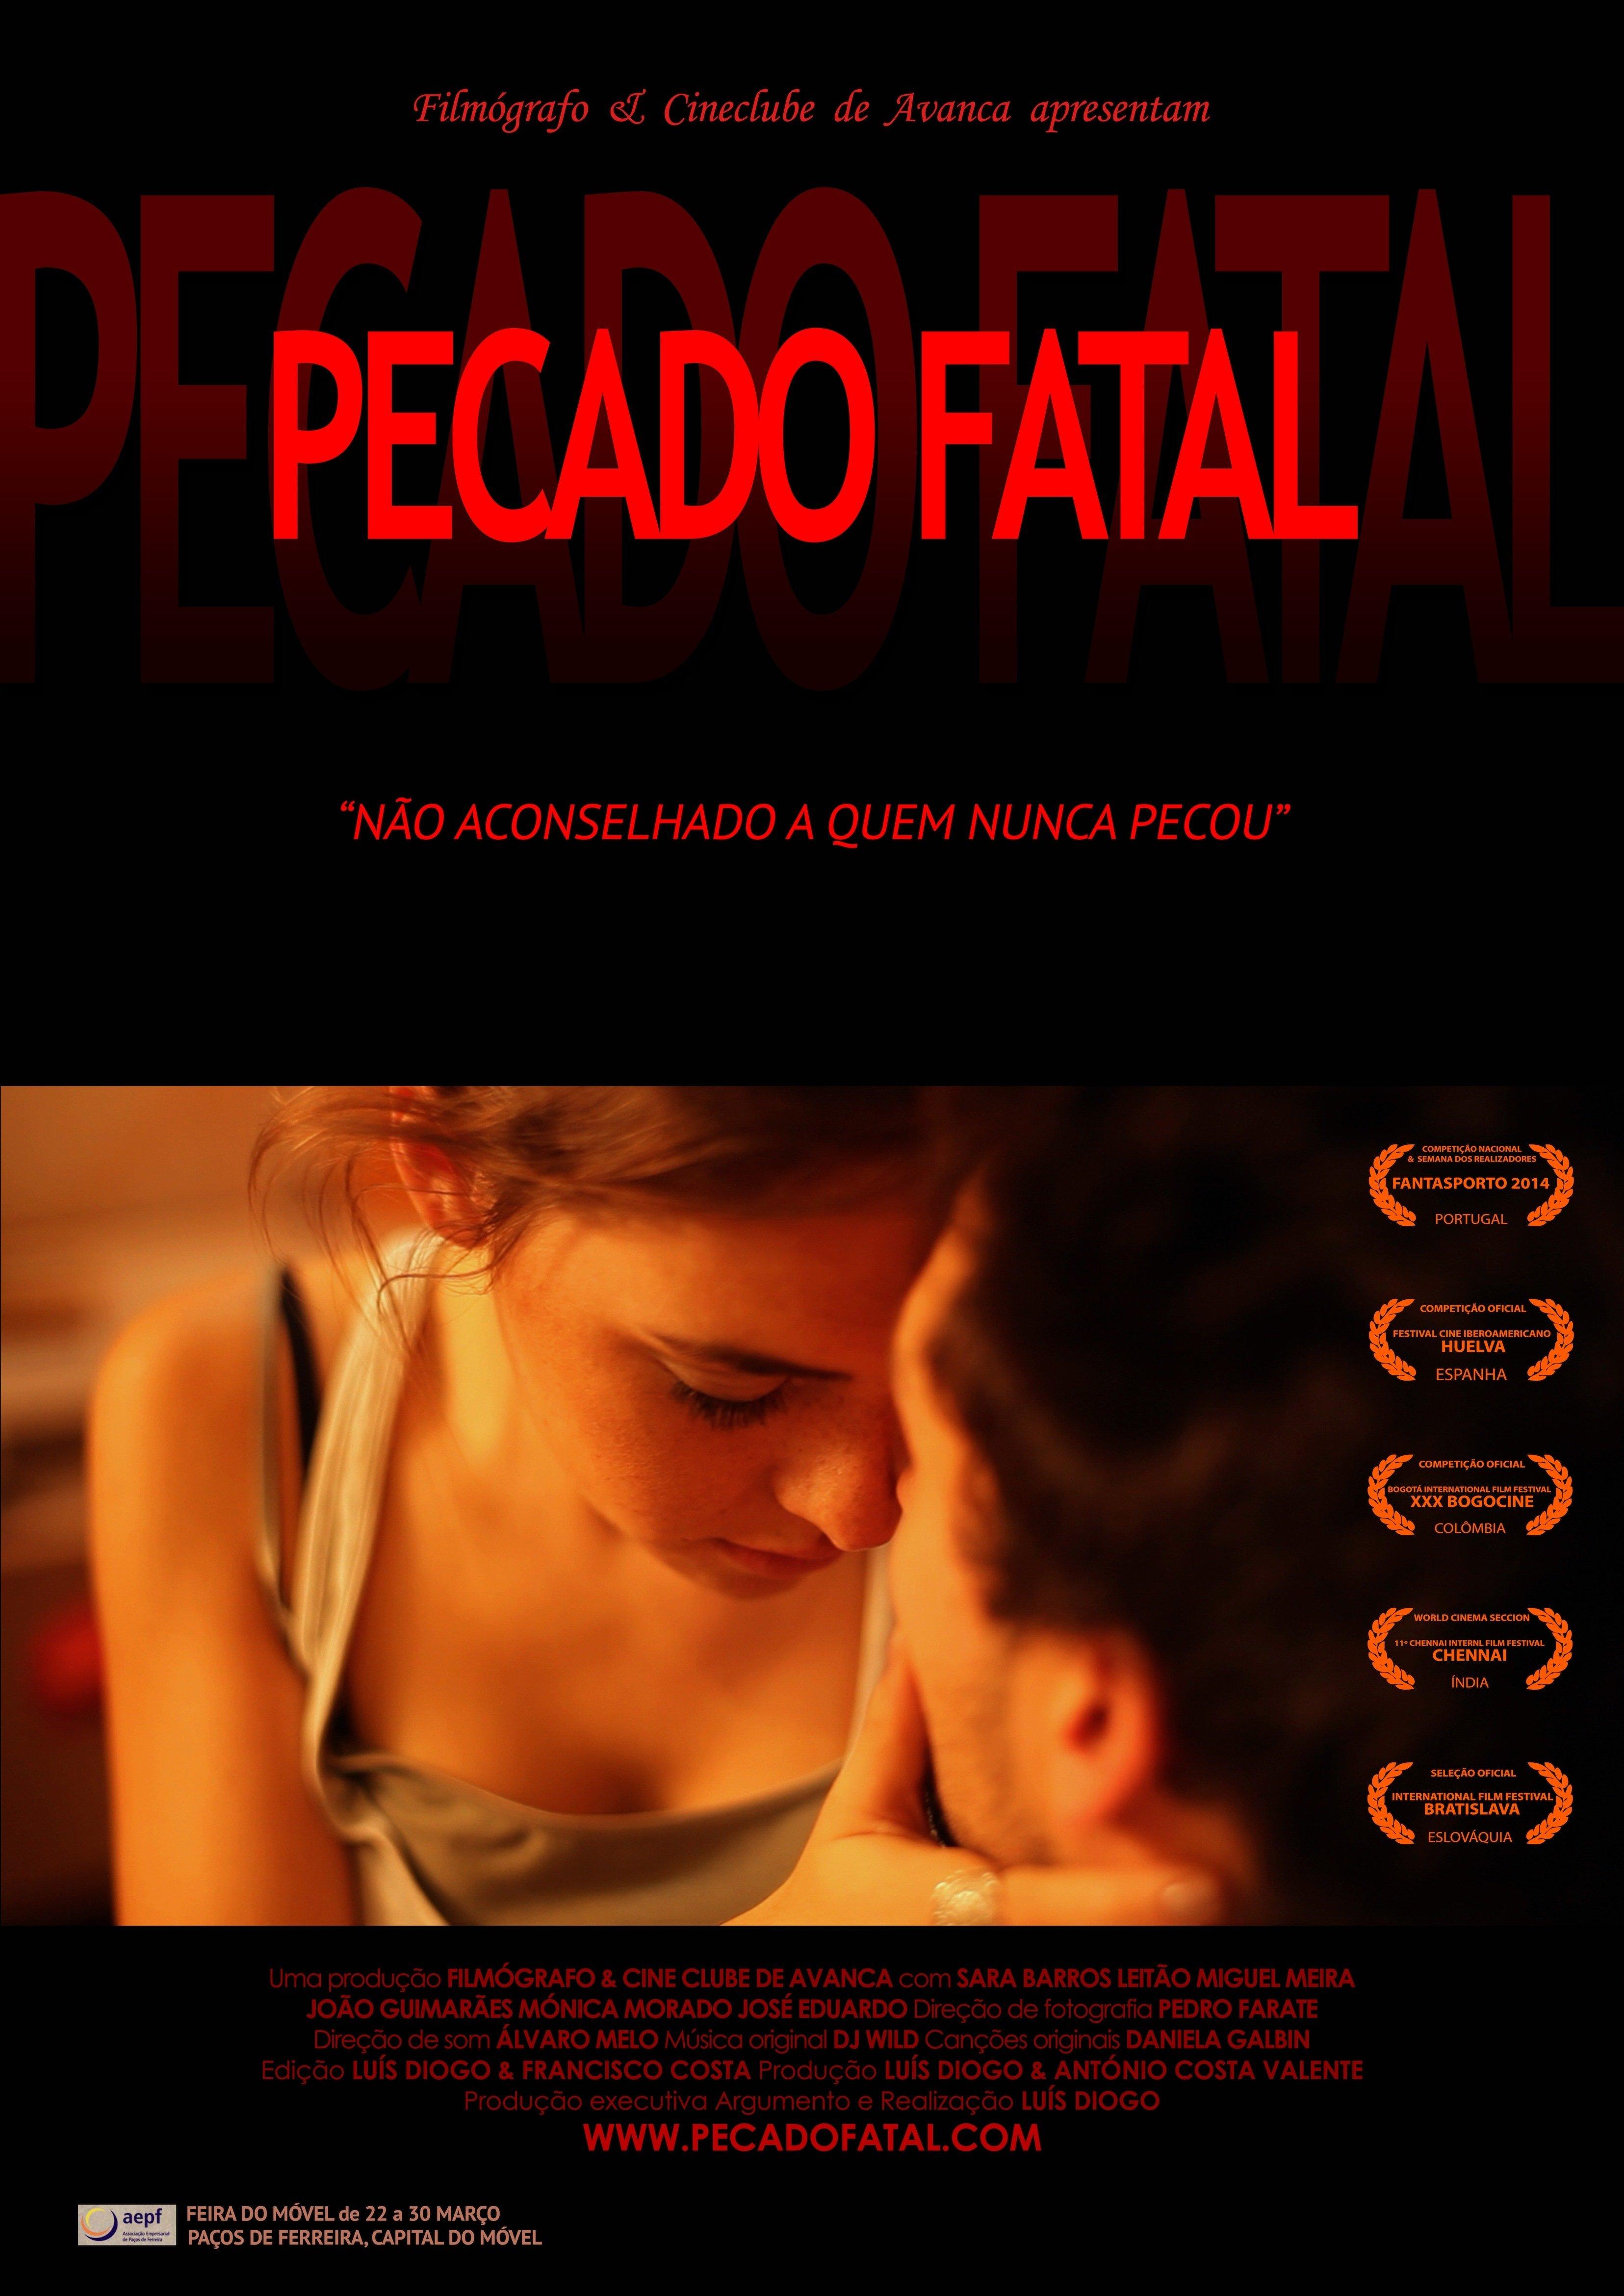 Pecado Fatal (2013) - IMDb